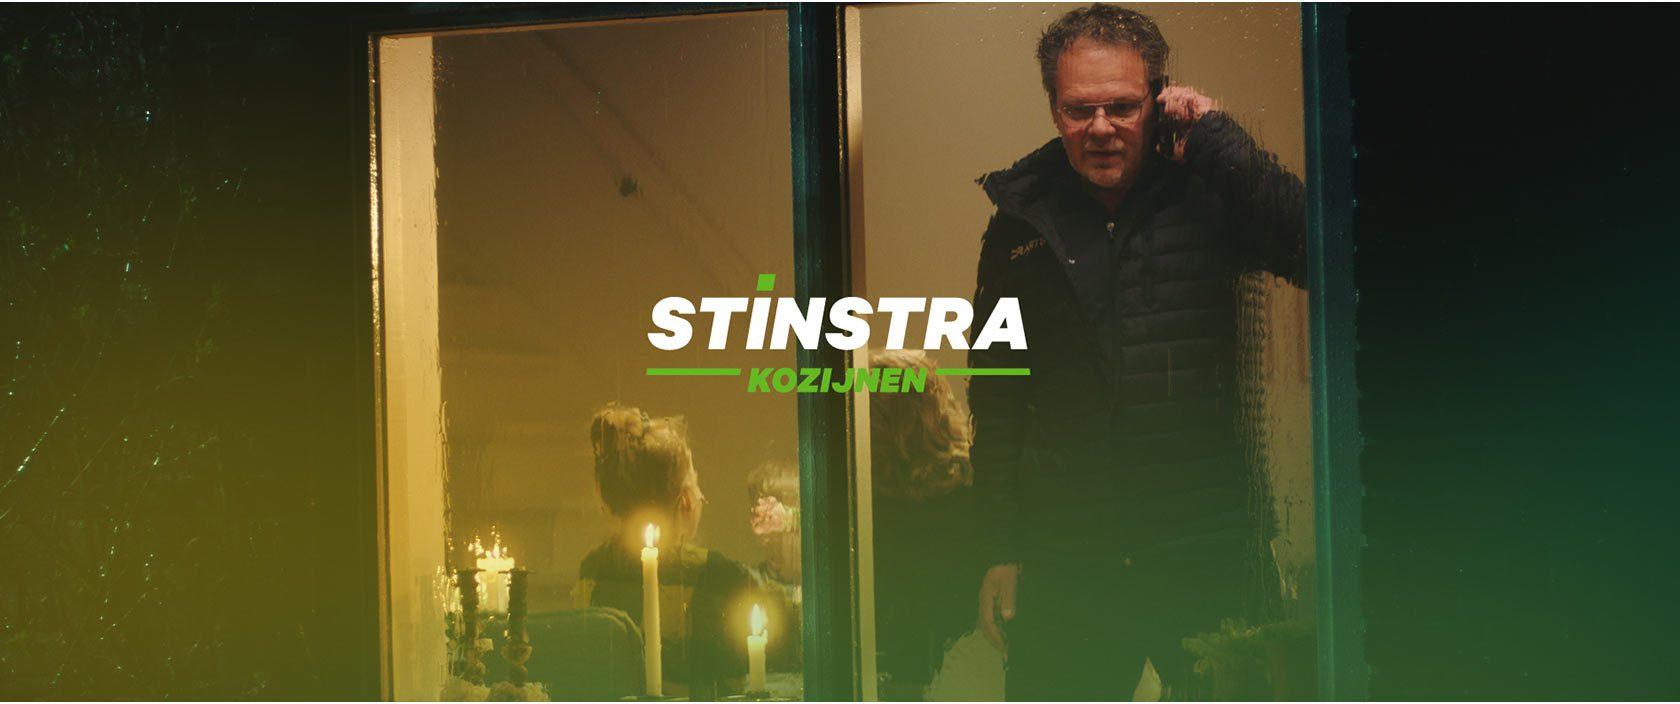 stinstra_still015